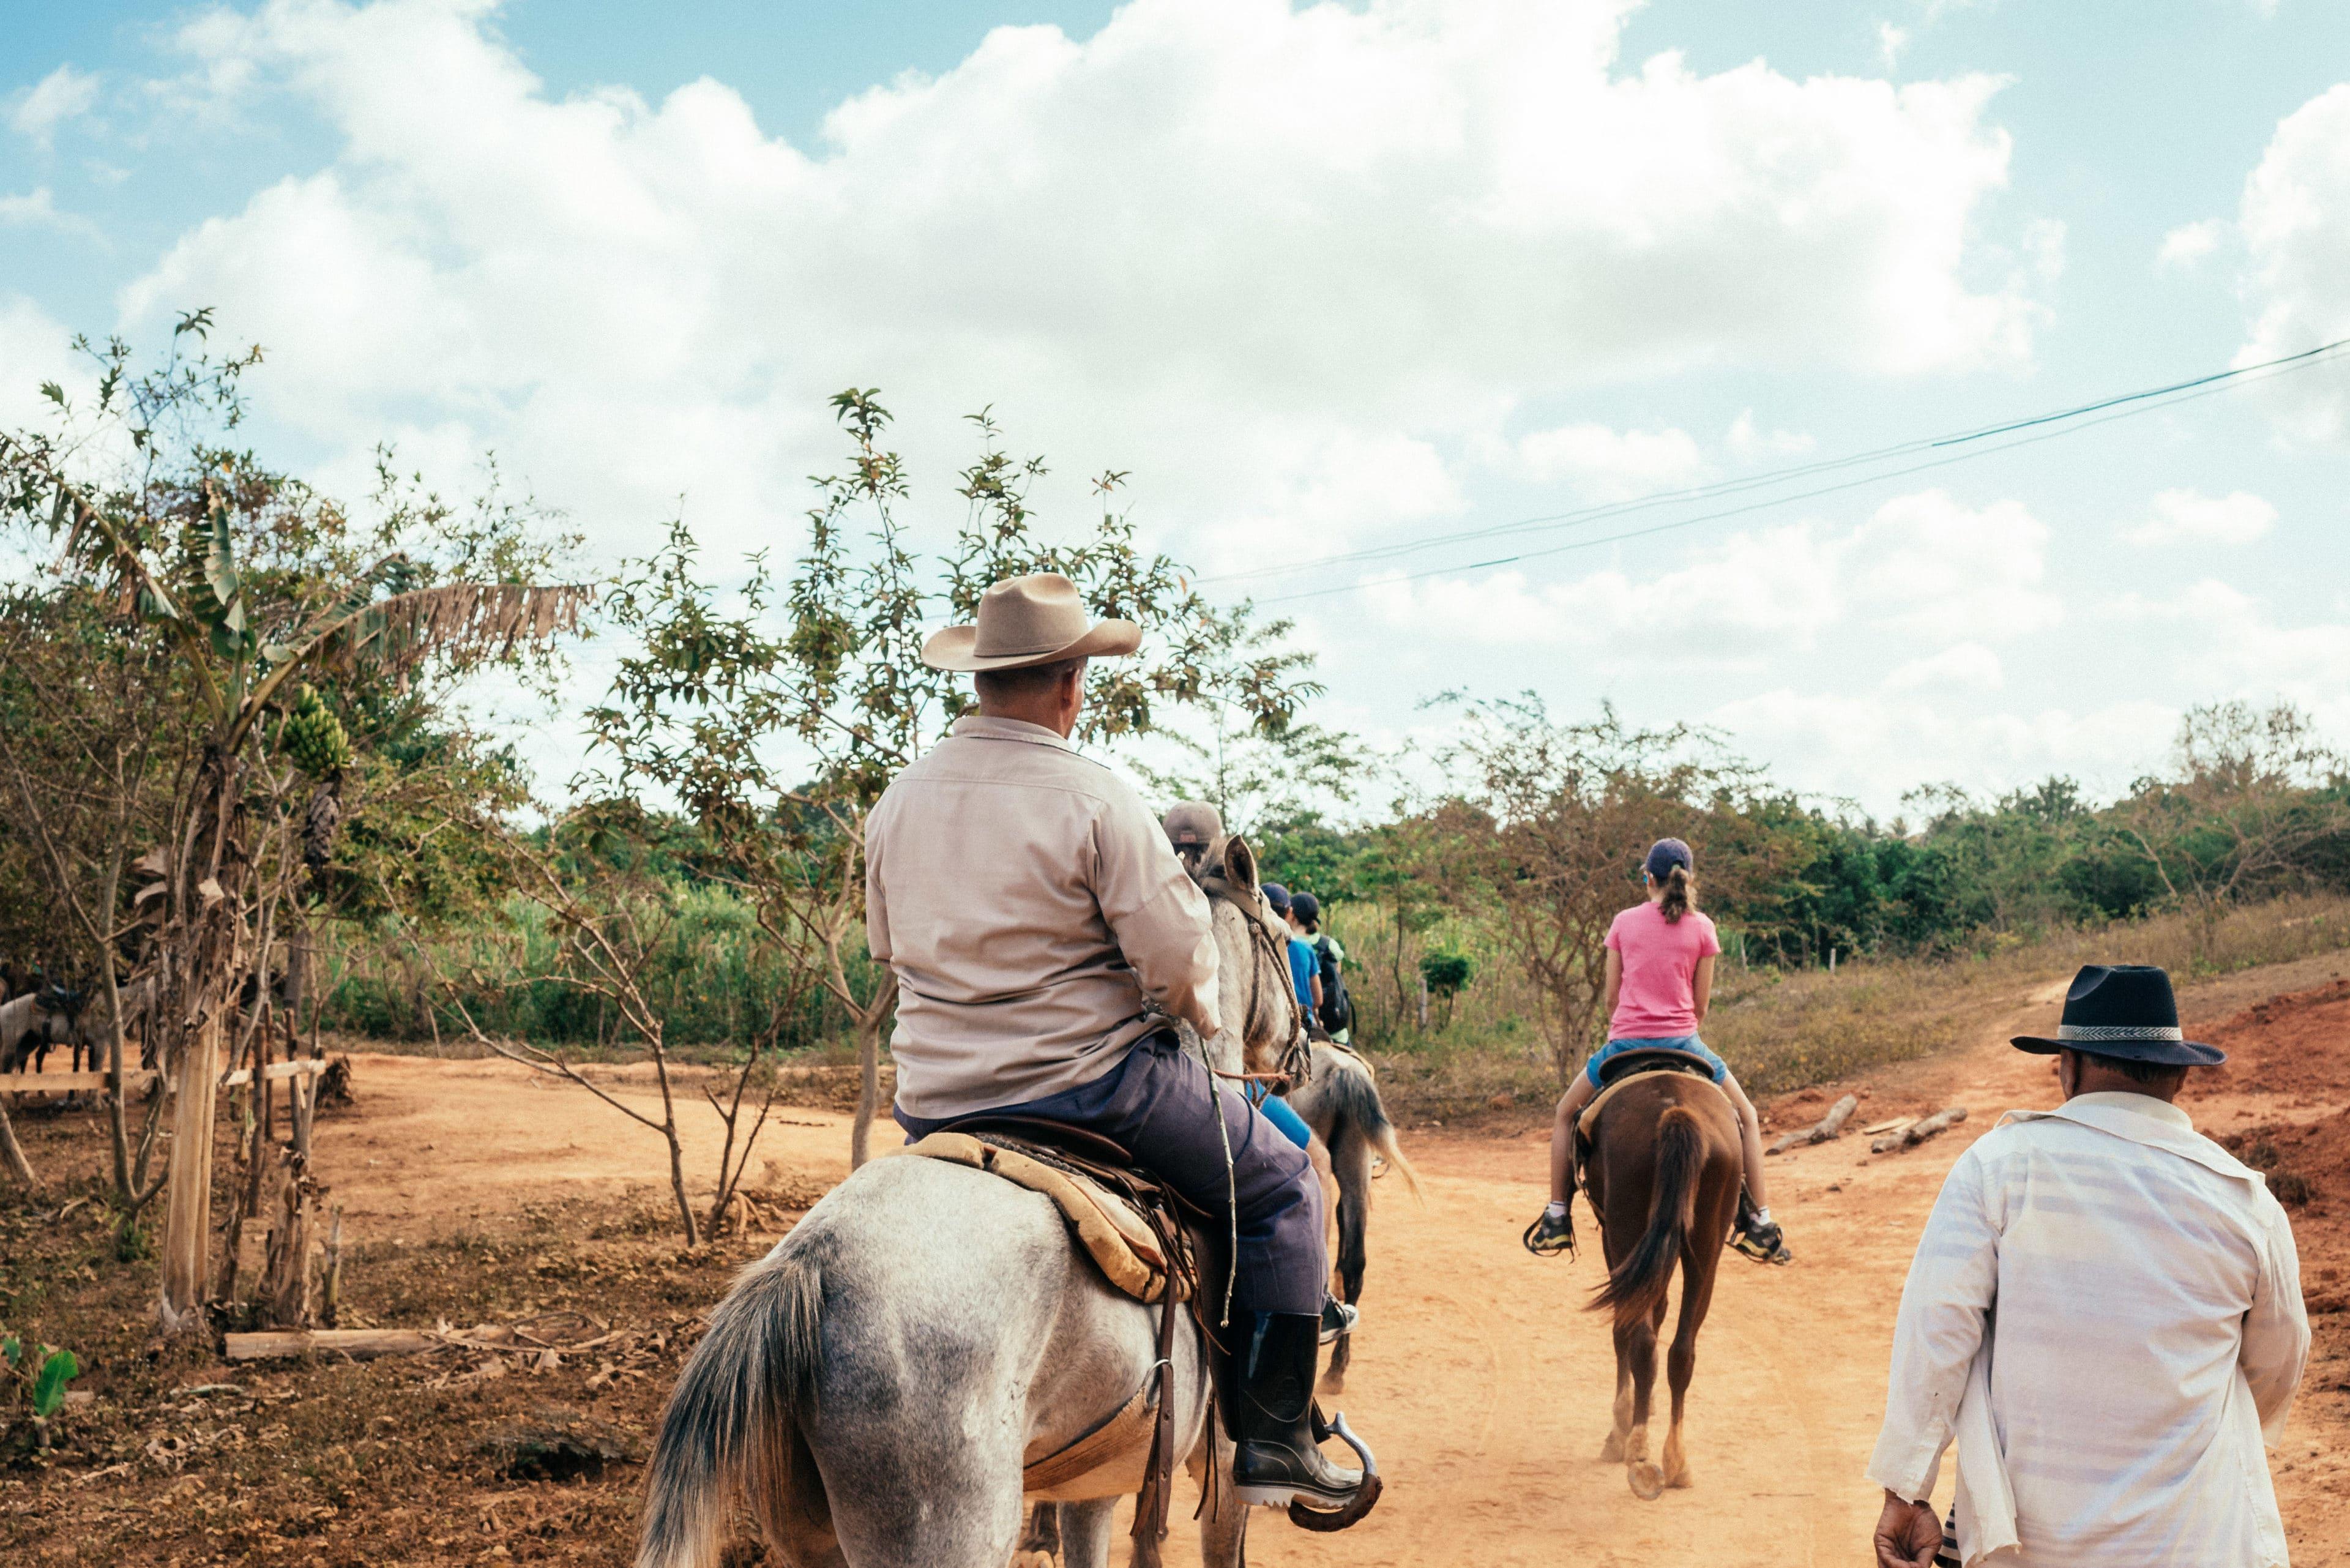 Kuba-Reisende reiten durch die Tabakfelder im idyllischen Tal von Viñales